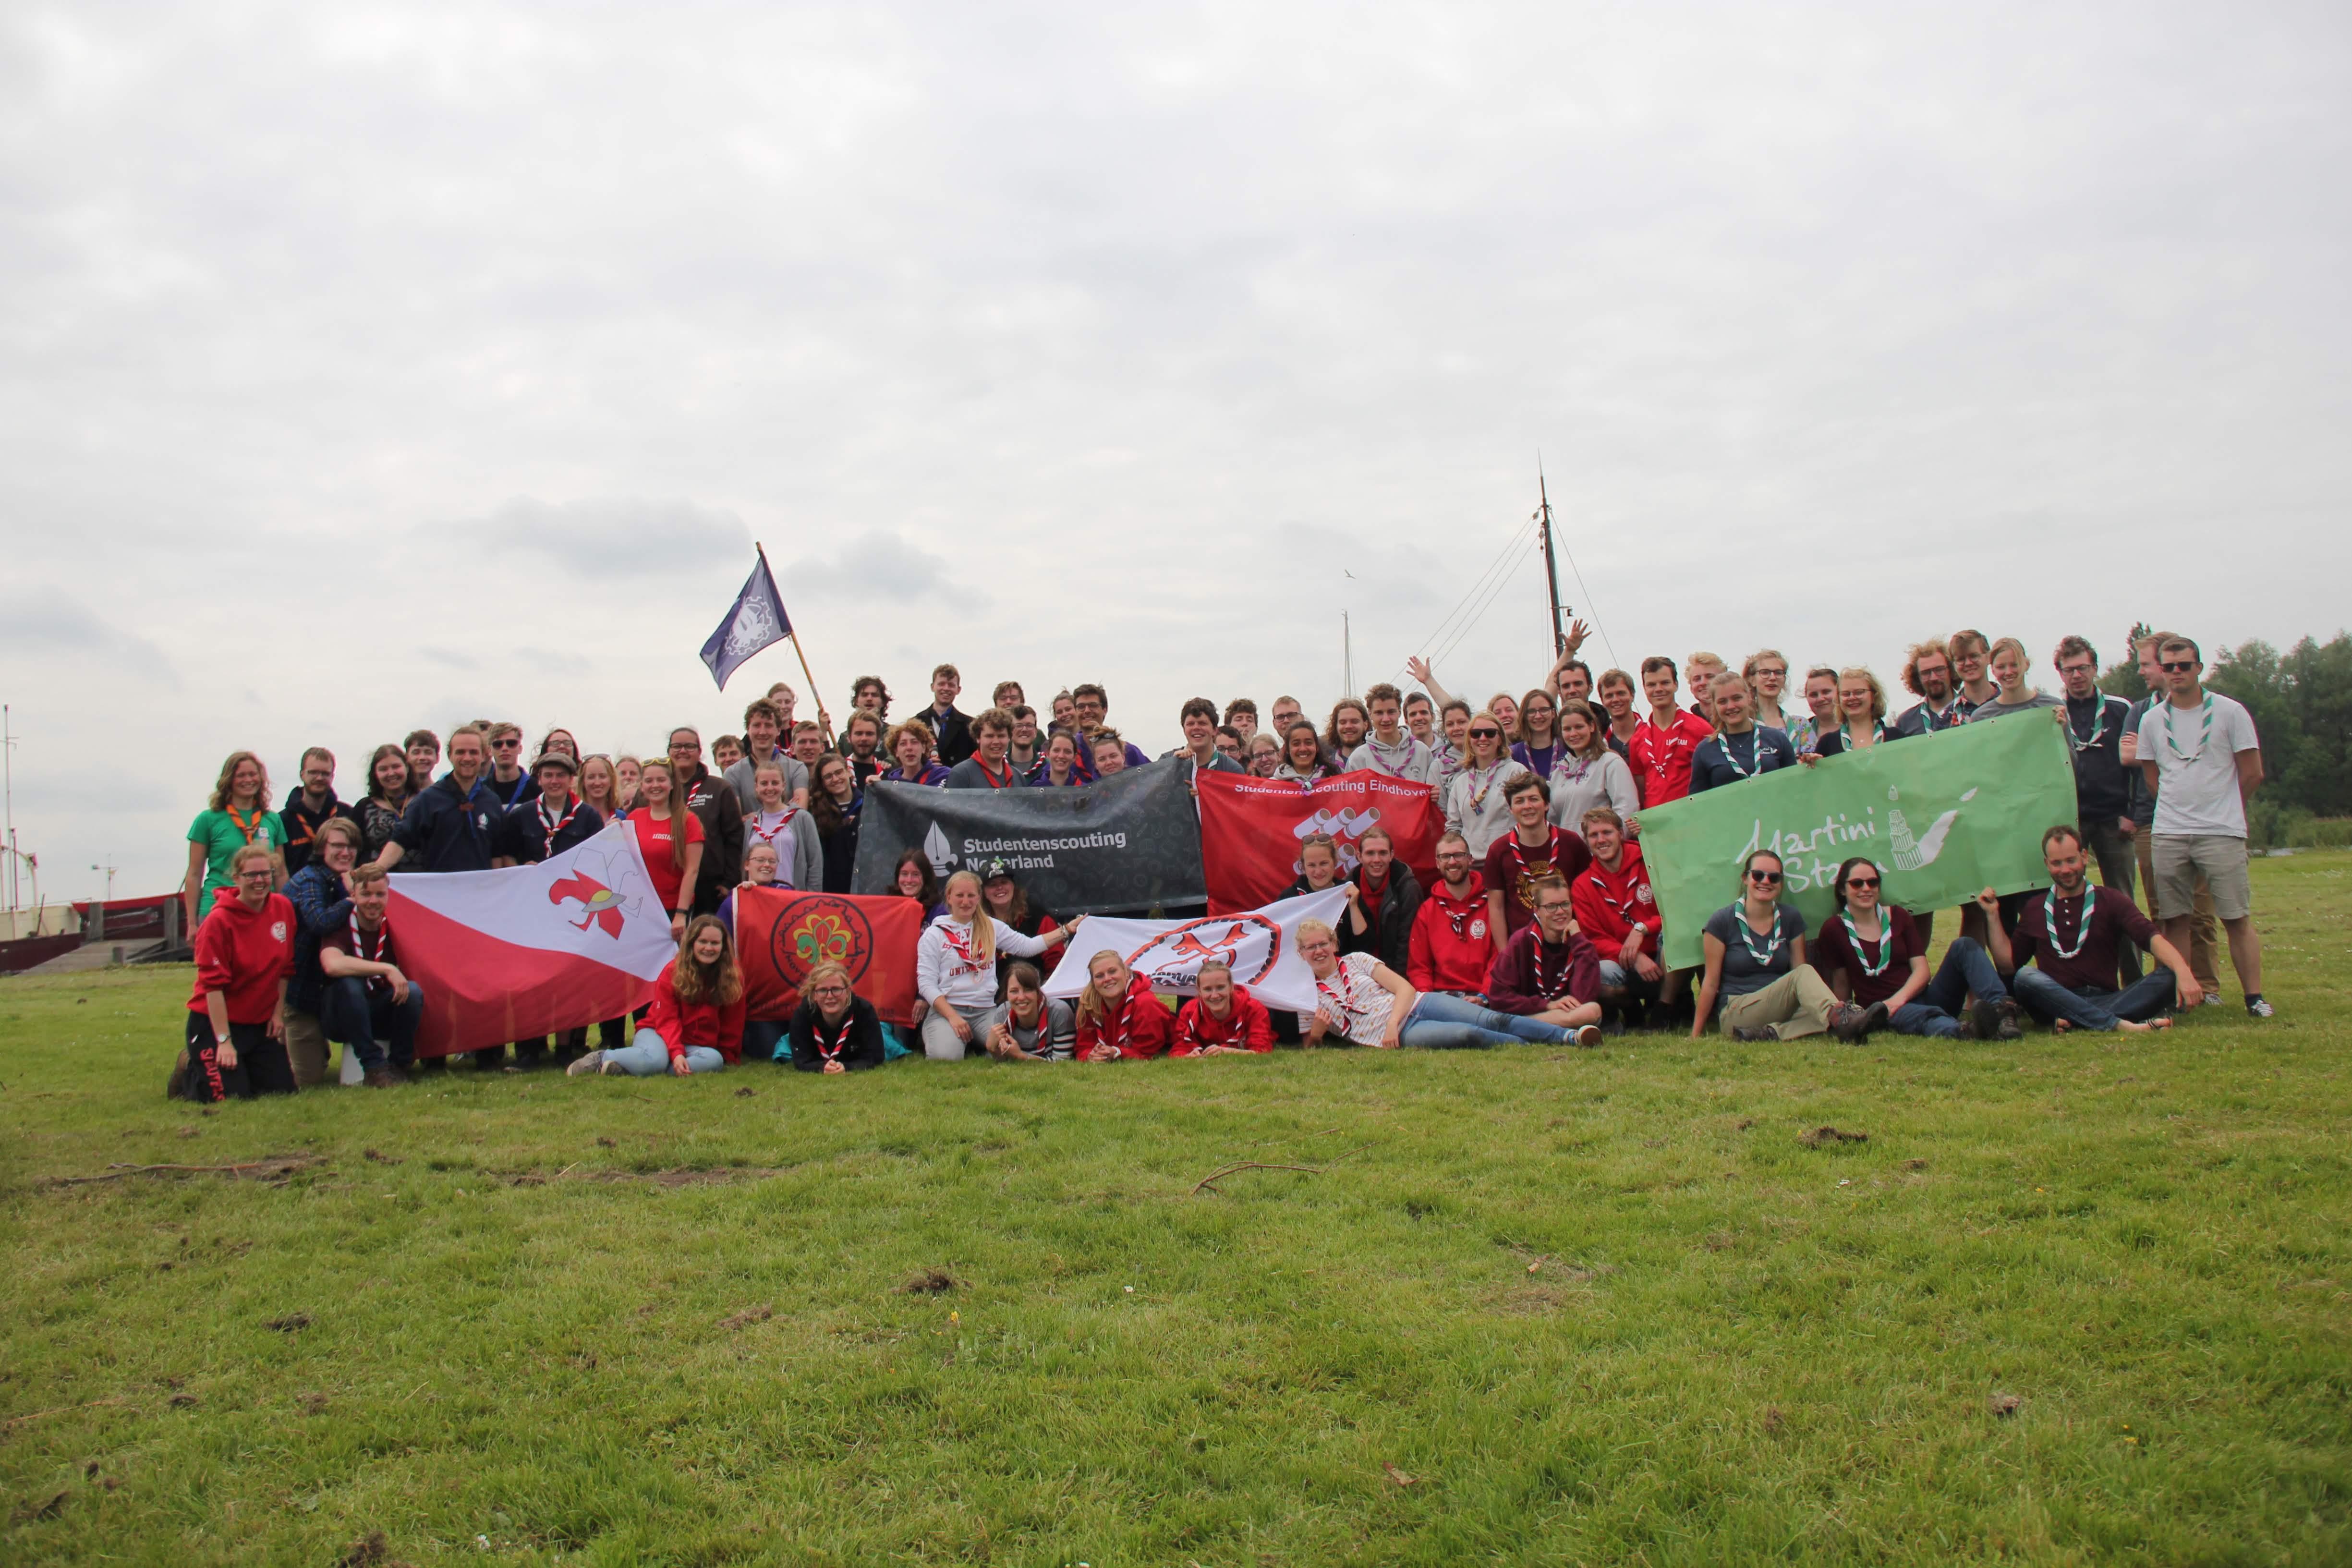 Ufostam U.F.O.-Stam SSW groepsfoto studentenscouting nederland